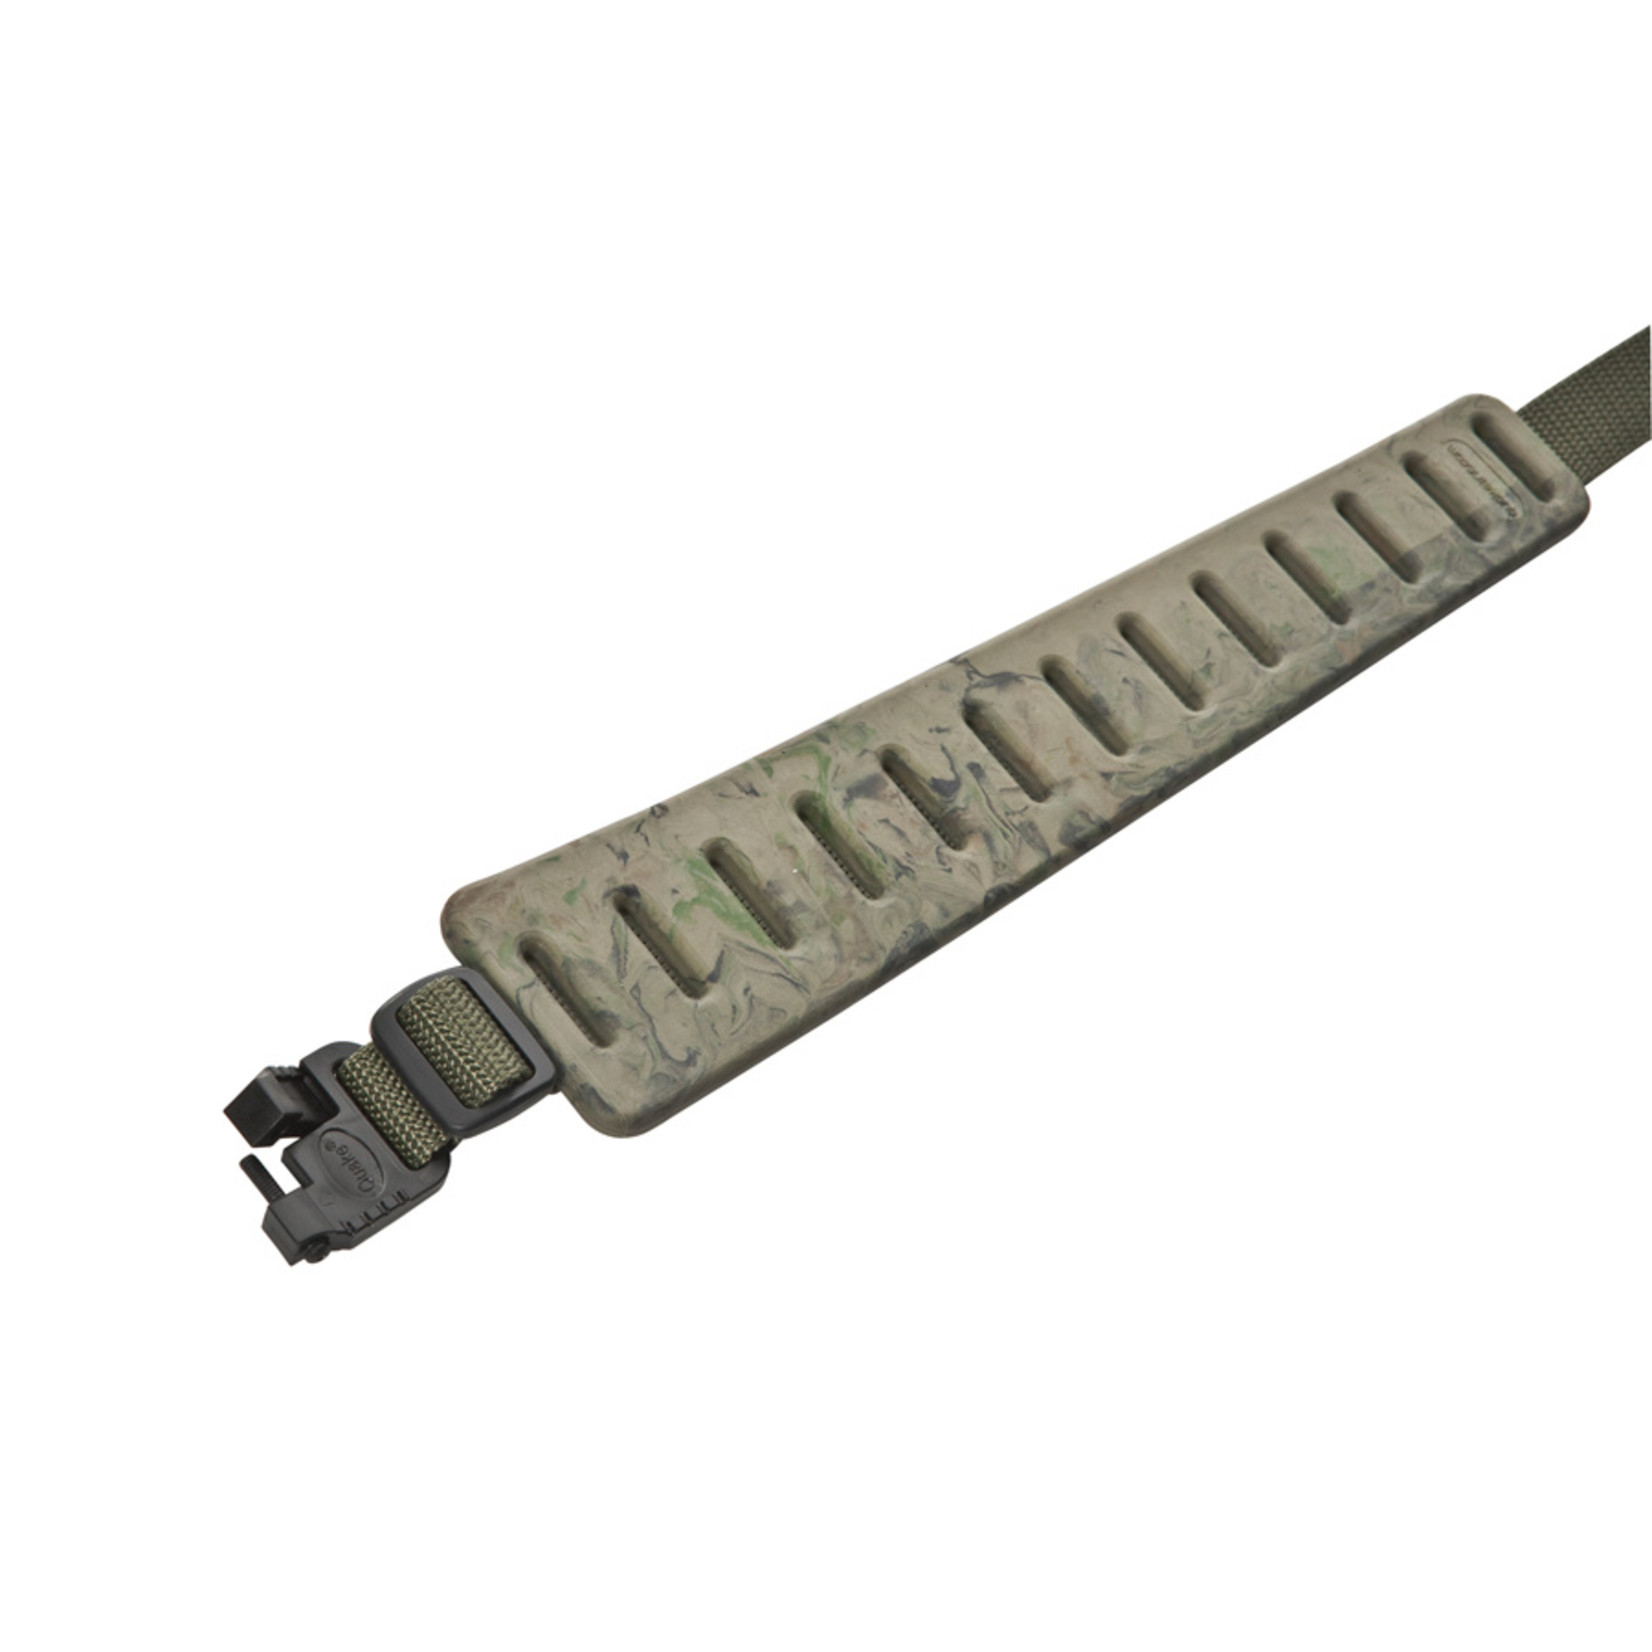 Quake Industries The Claw Rifle/Shotgun Sling Camo Green